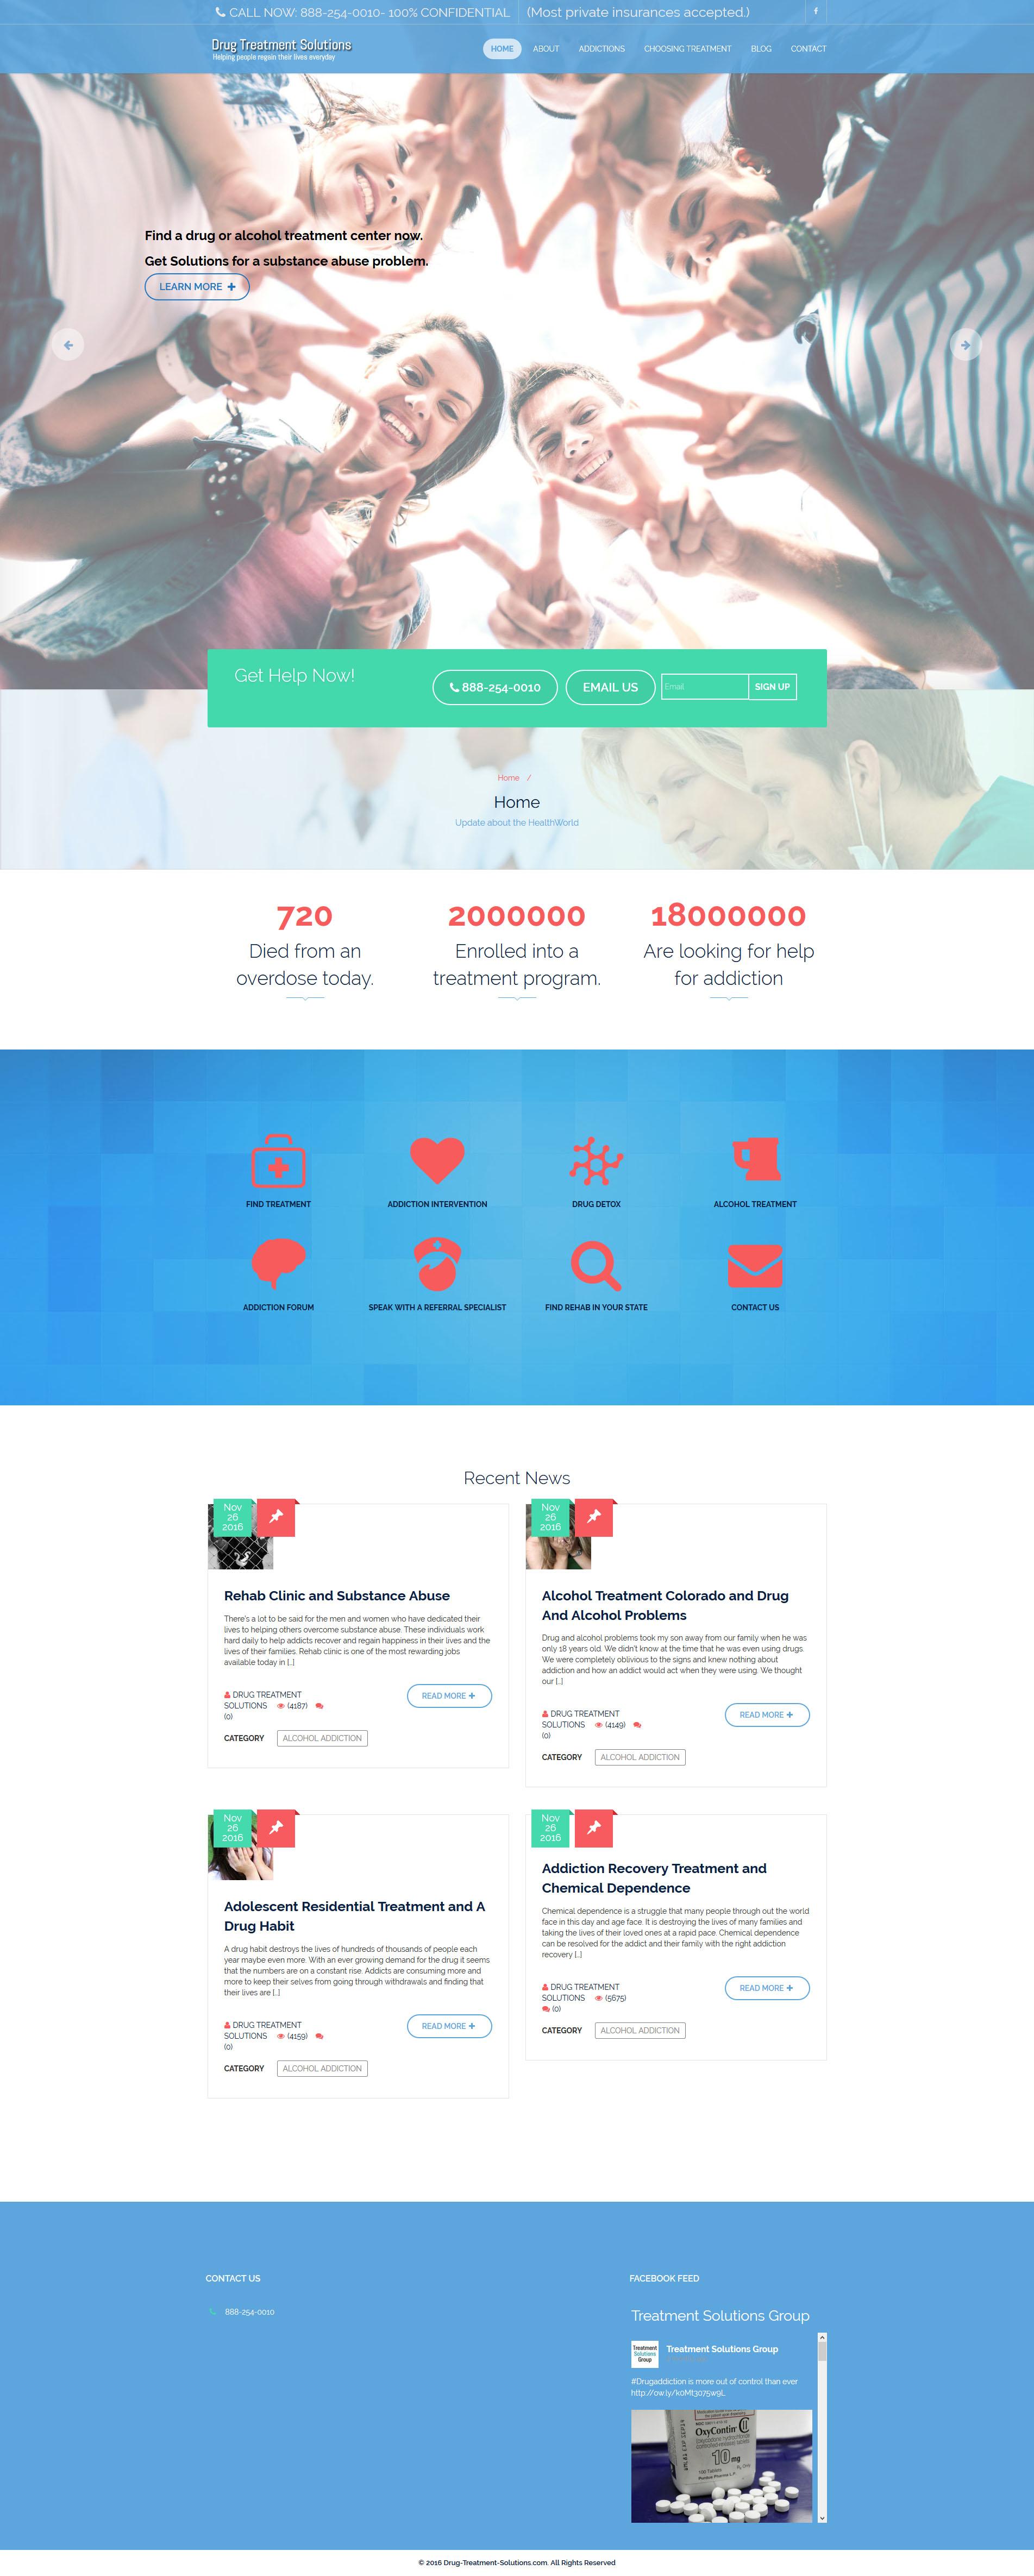 drug-treatment-solutions.com